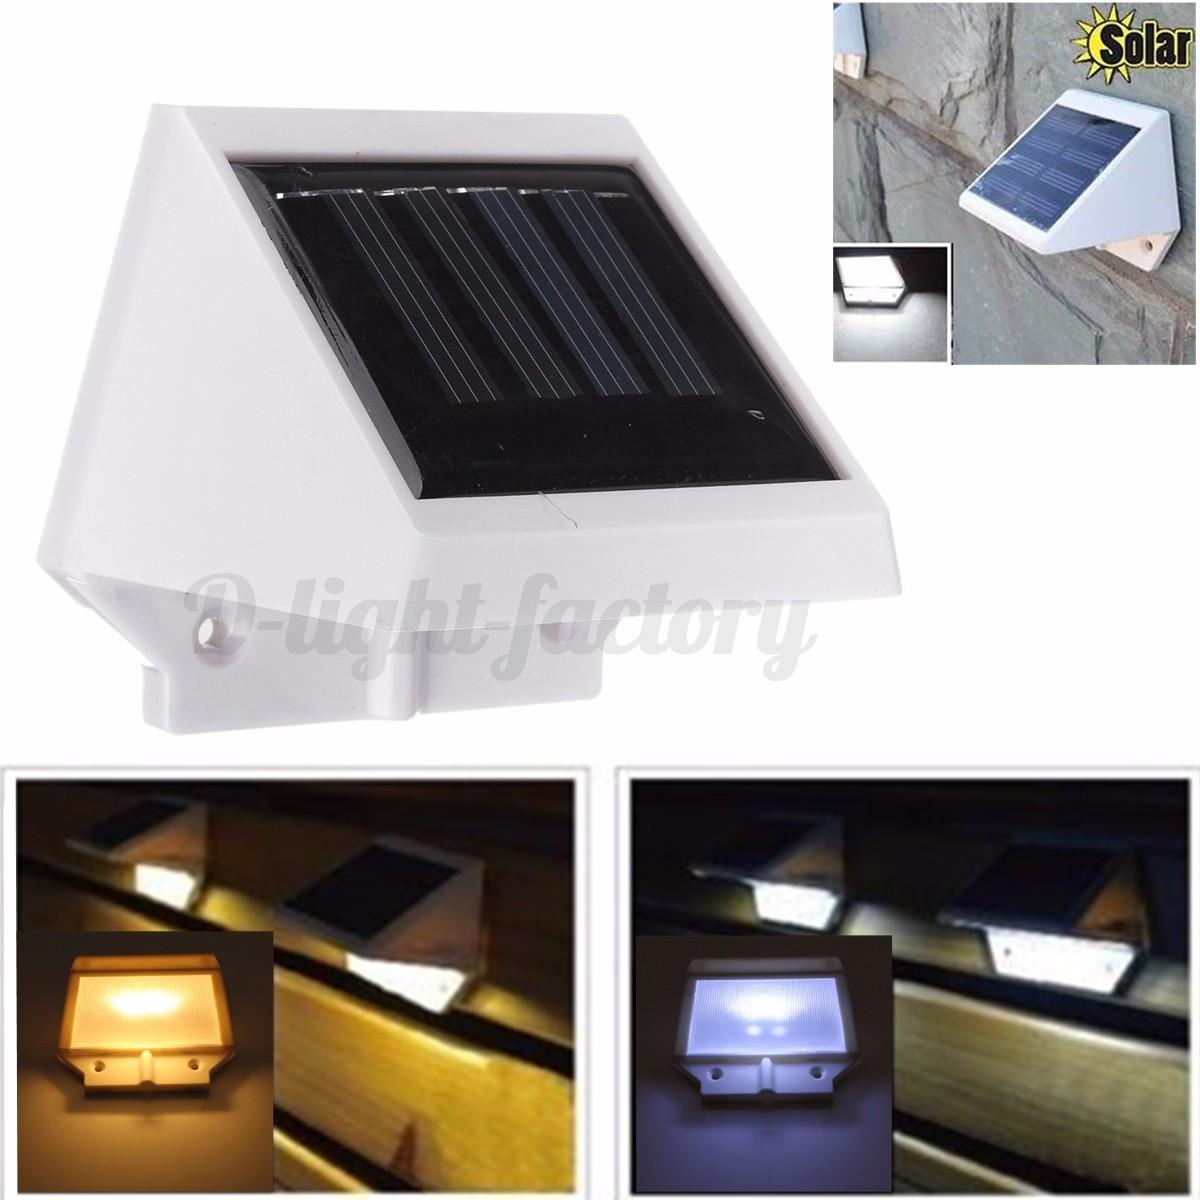 etanche 2 20 led pir lampe solaire mur lumi re d tecteur mouvement ext rieur nf ebay. Black Bedroom Furniture Sets. Home Design Ideas